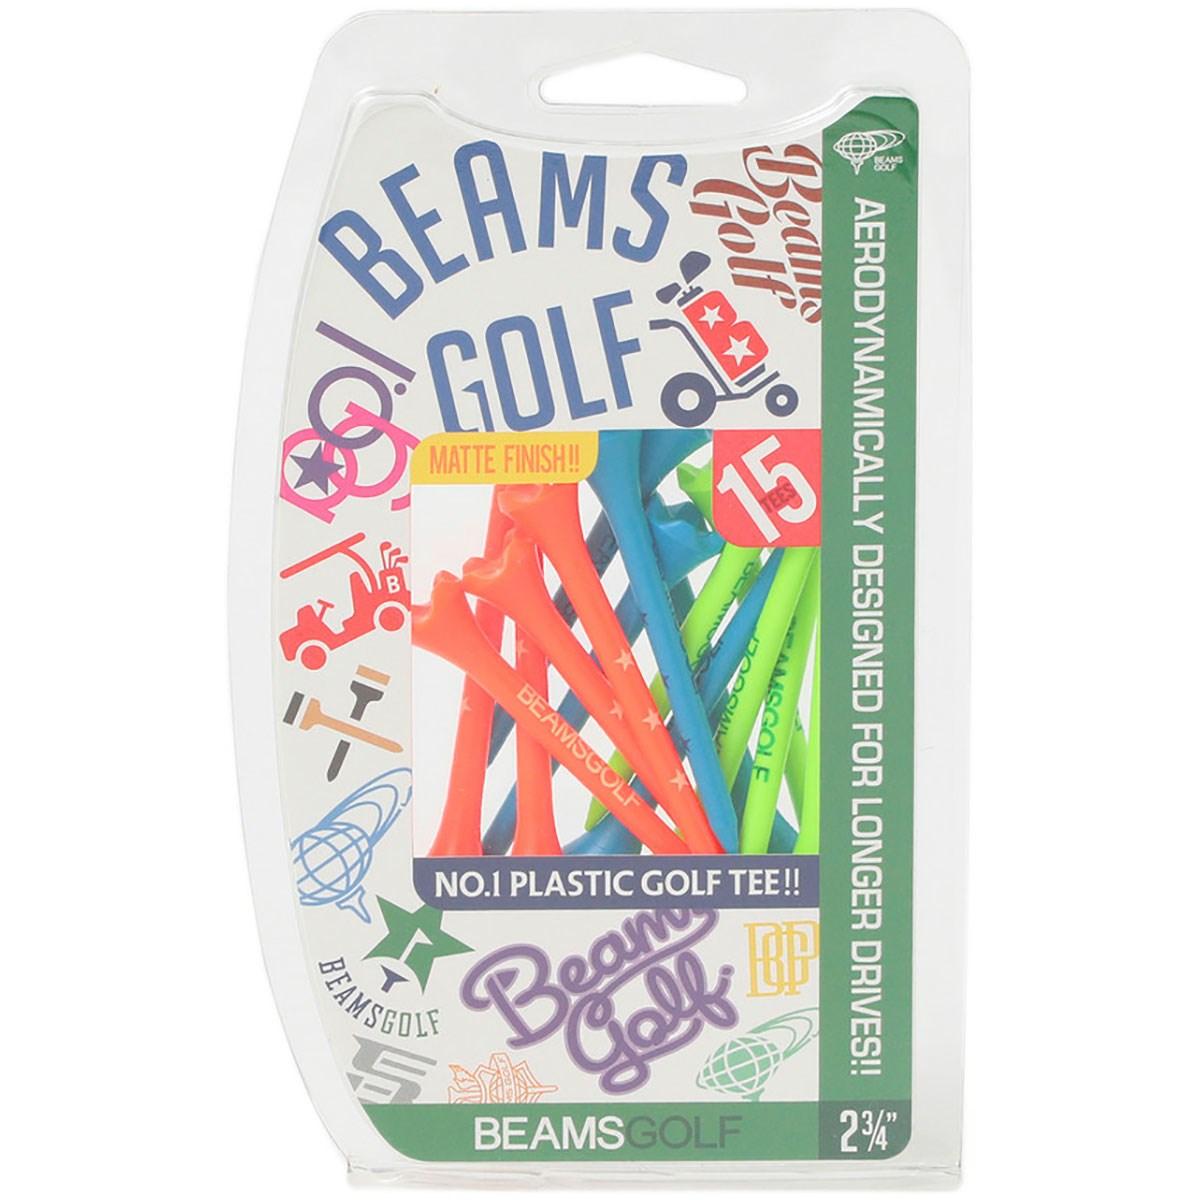 ビームスゴルフ BEAMS GOLF オリジナル パフォーマンス ティー(69mm)